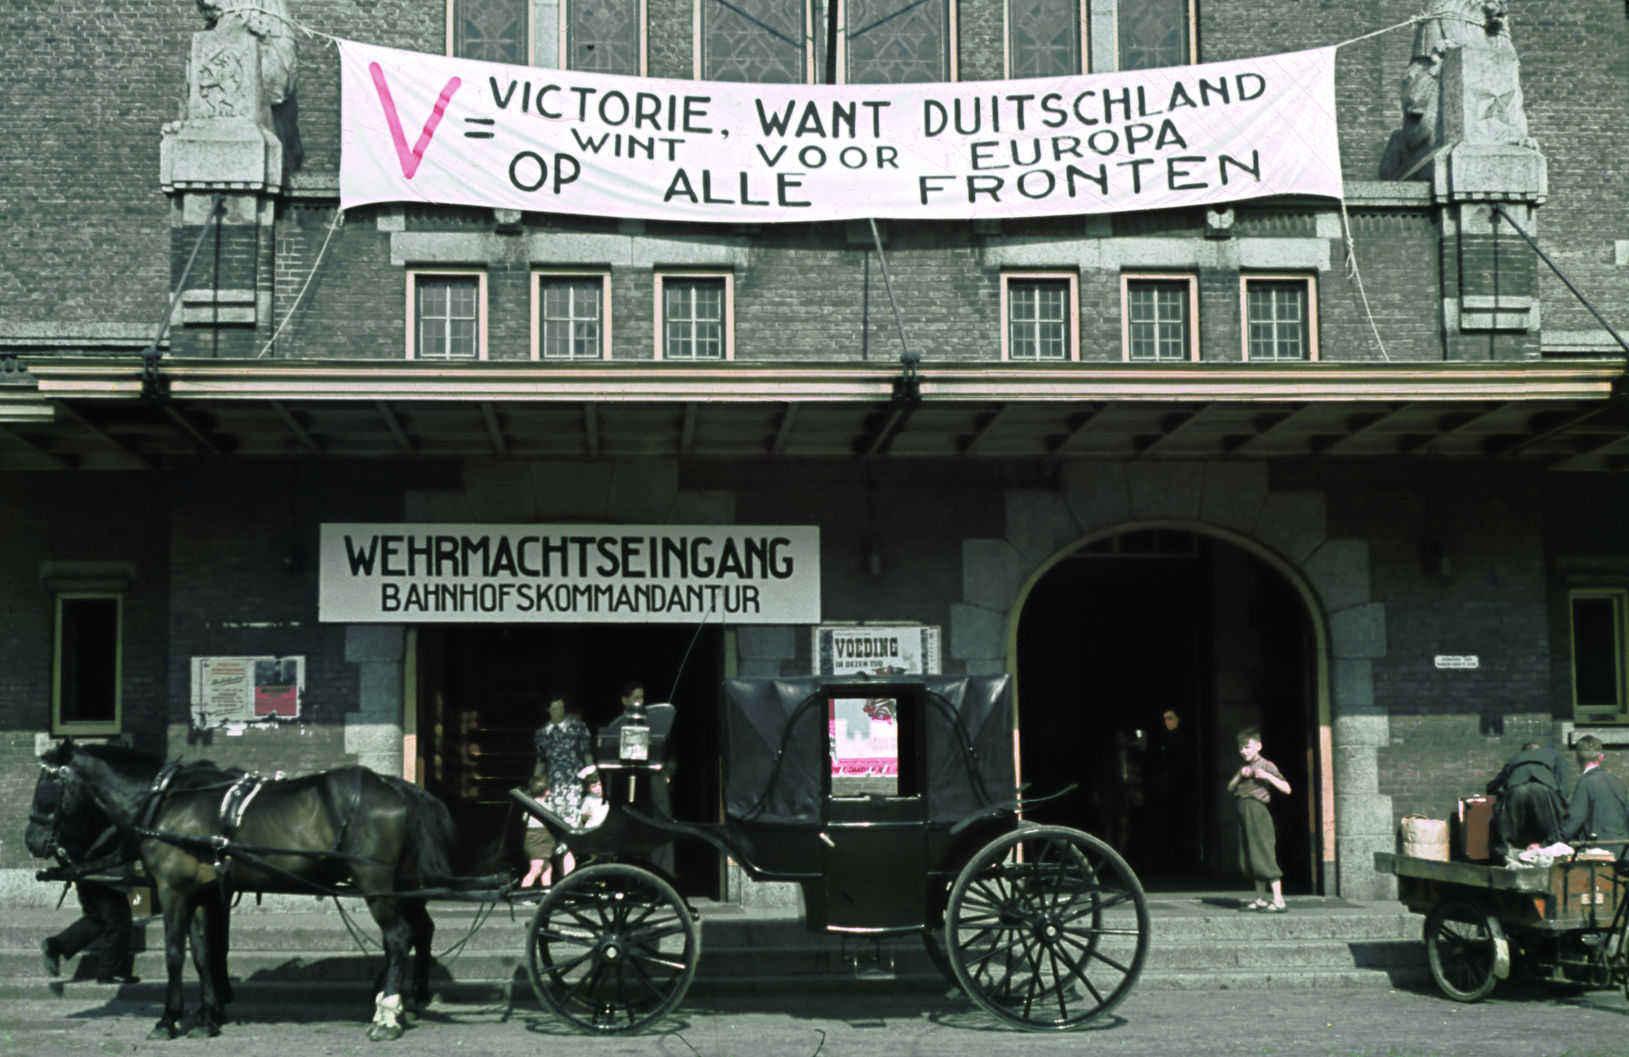 foto: Alphons Hustinx | Maastricht 194, koets met paarden voor station met spandoeken van de nazi';s